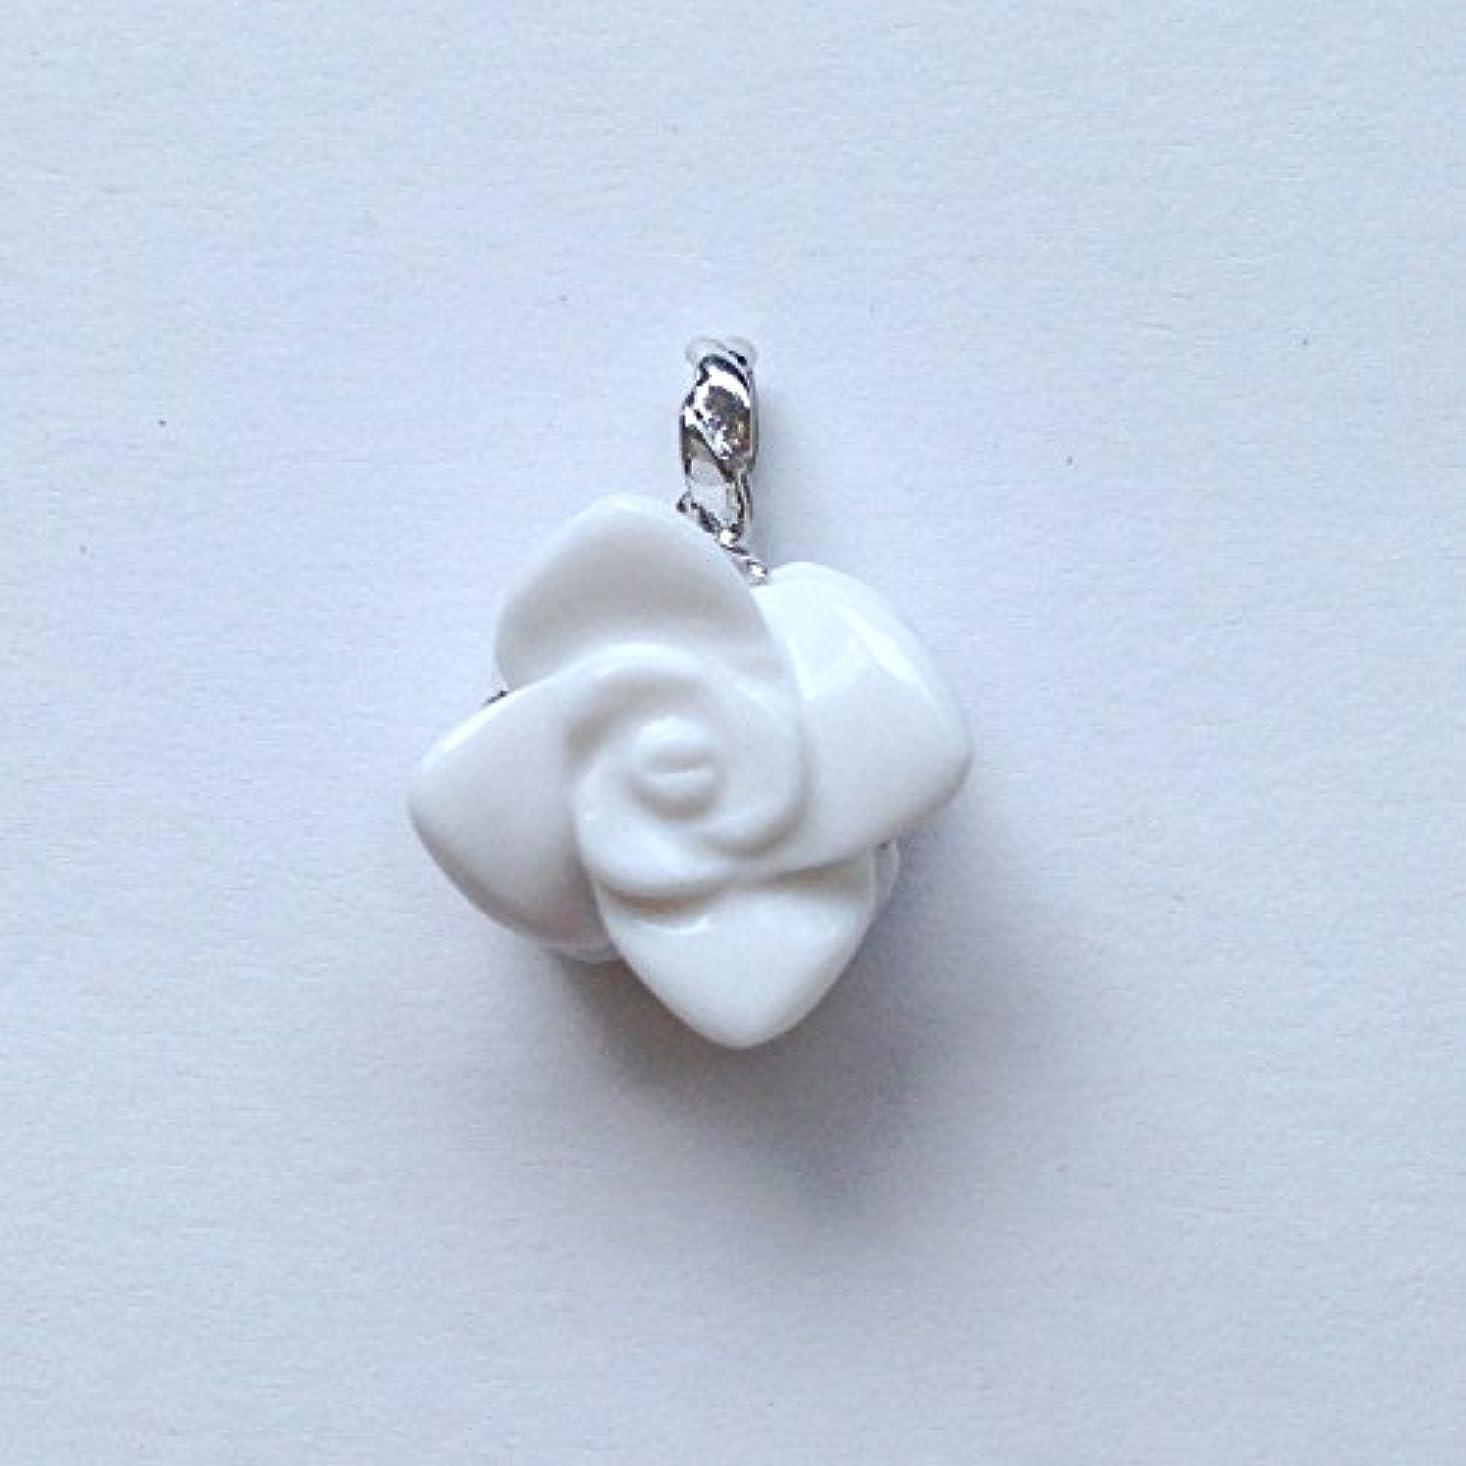 ファン無臭批判香る宝石SVホワイトメノウペンダント通常¥26,800の所 (Ag925)